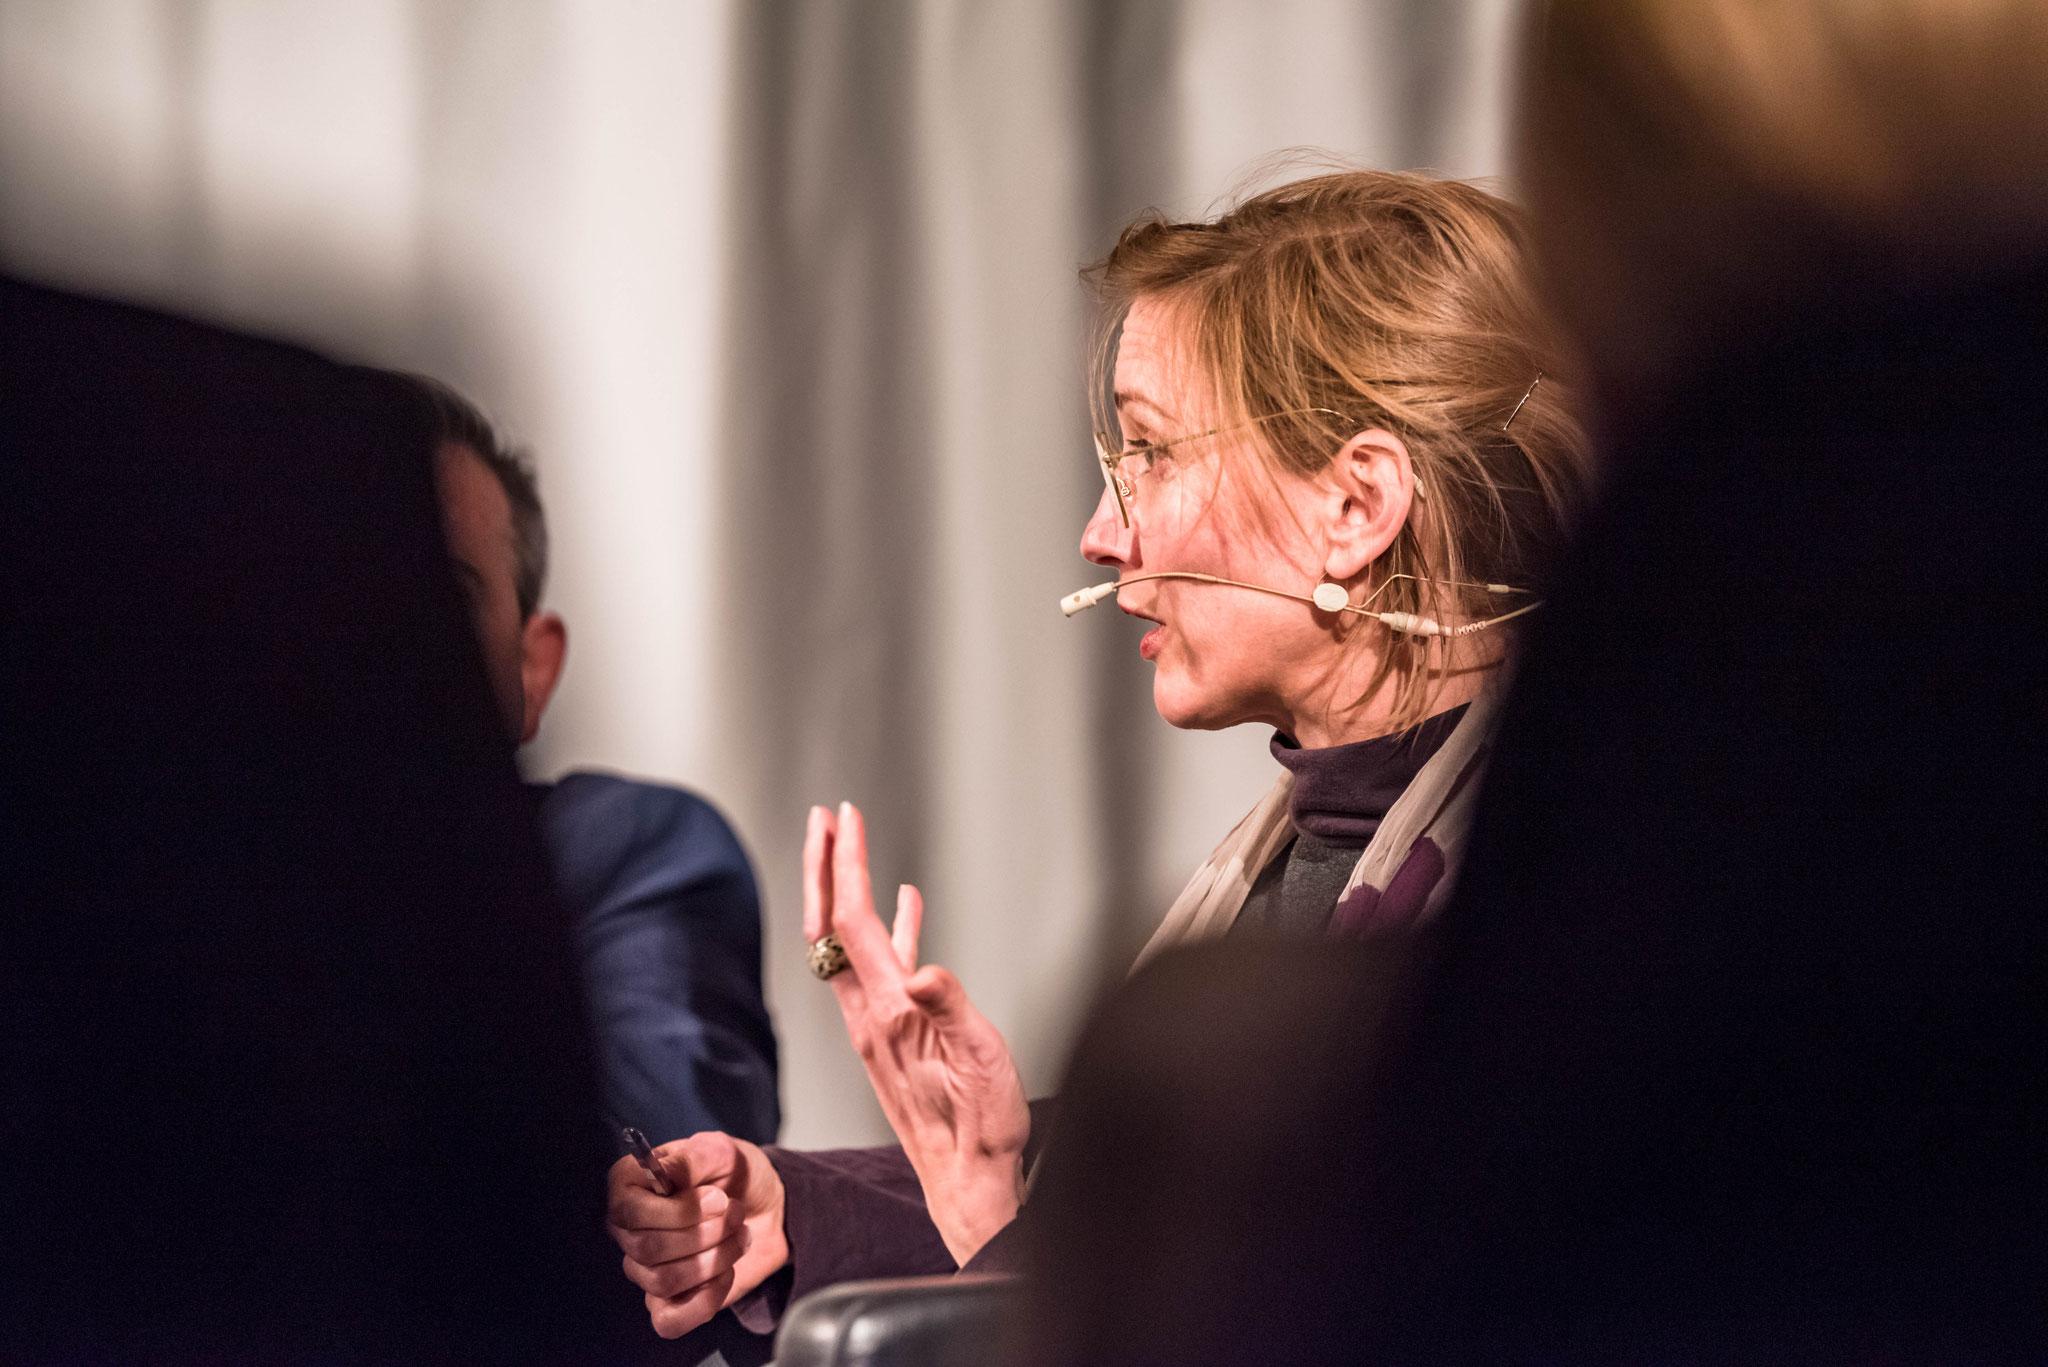 Andrea Zellhuber (Personnes responsable de la prévention de la violence, terre des hommes Suisse)